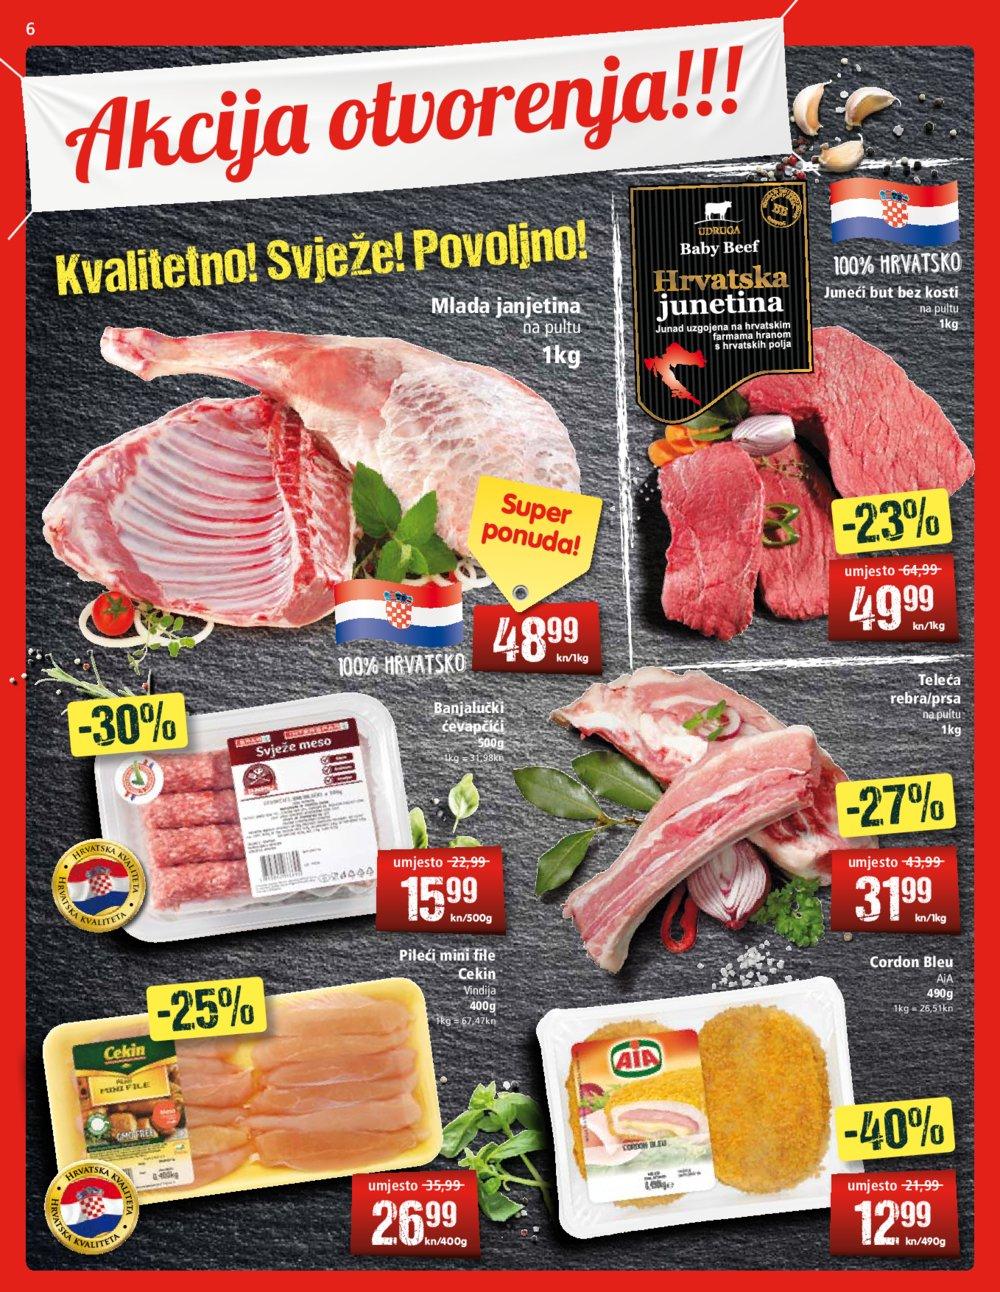 Spar katalog Akcija otvorenja Spar supermarketa Martinkovac Rijeka 16.08.-27.08.2019.